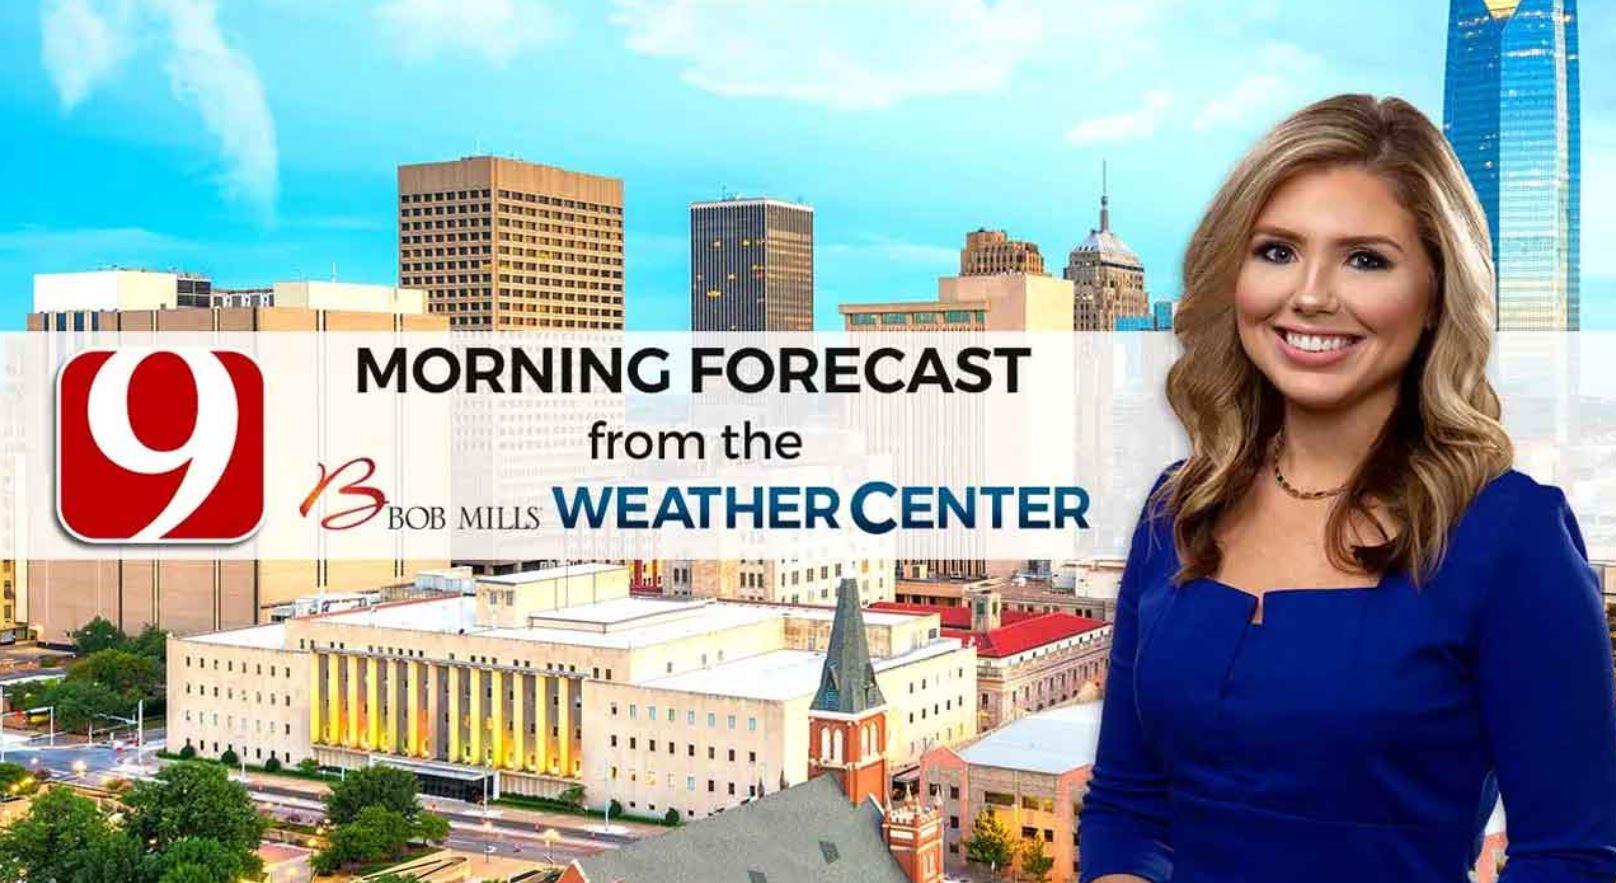 Cassie's Tuesday 9 A.M. Forecast